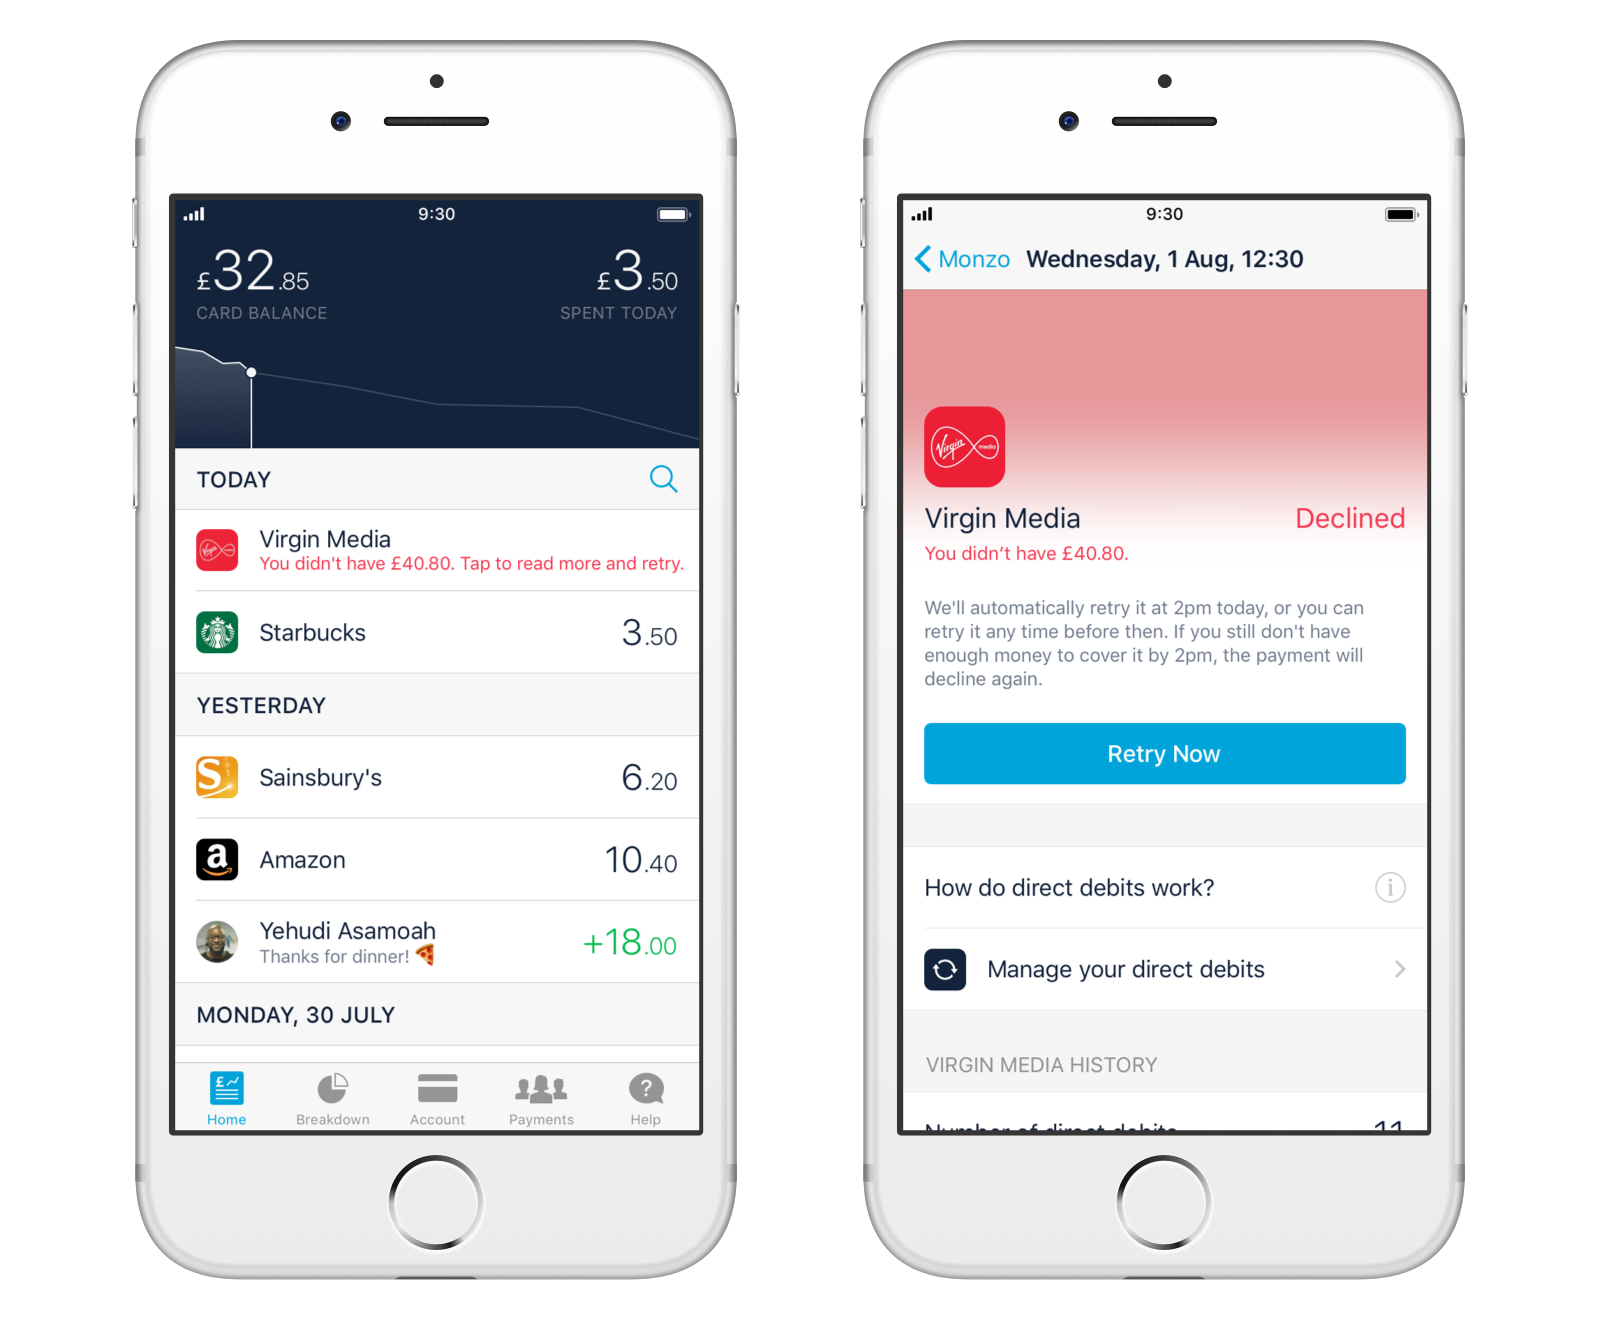 Screenshot showing direct debit retries